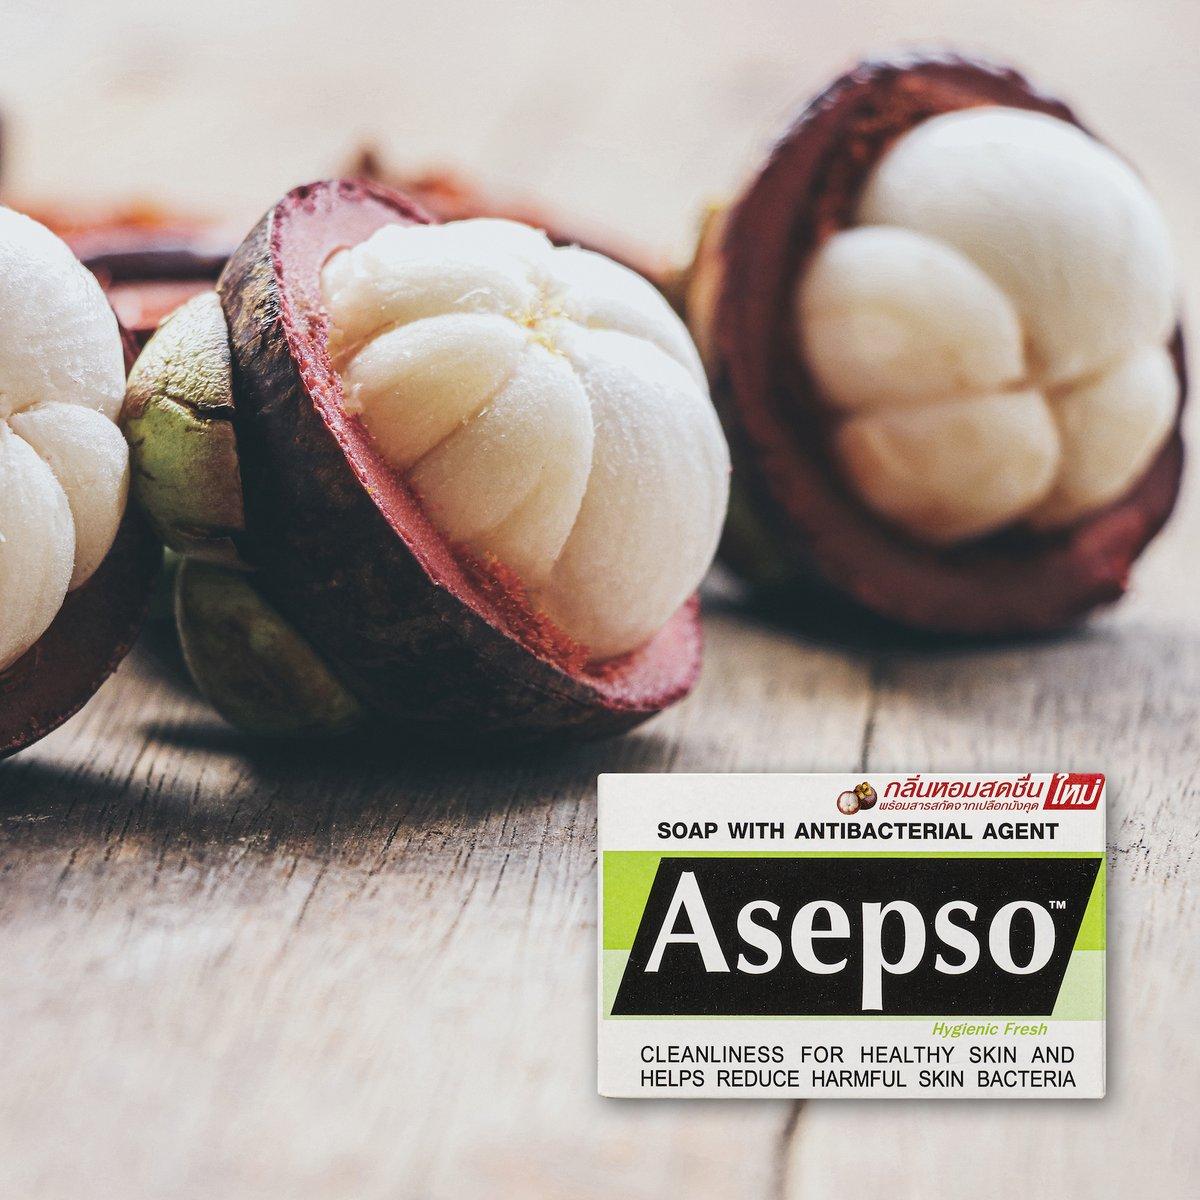 📸 #Asepso Soap Hygienic Fresh https://t.co/FRhV1WA2jO